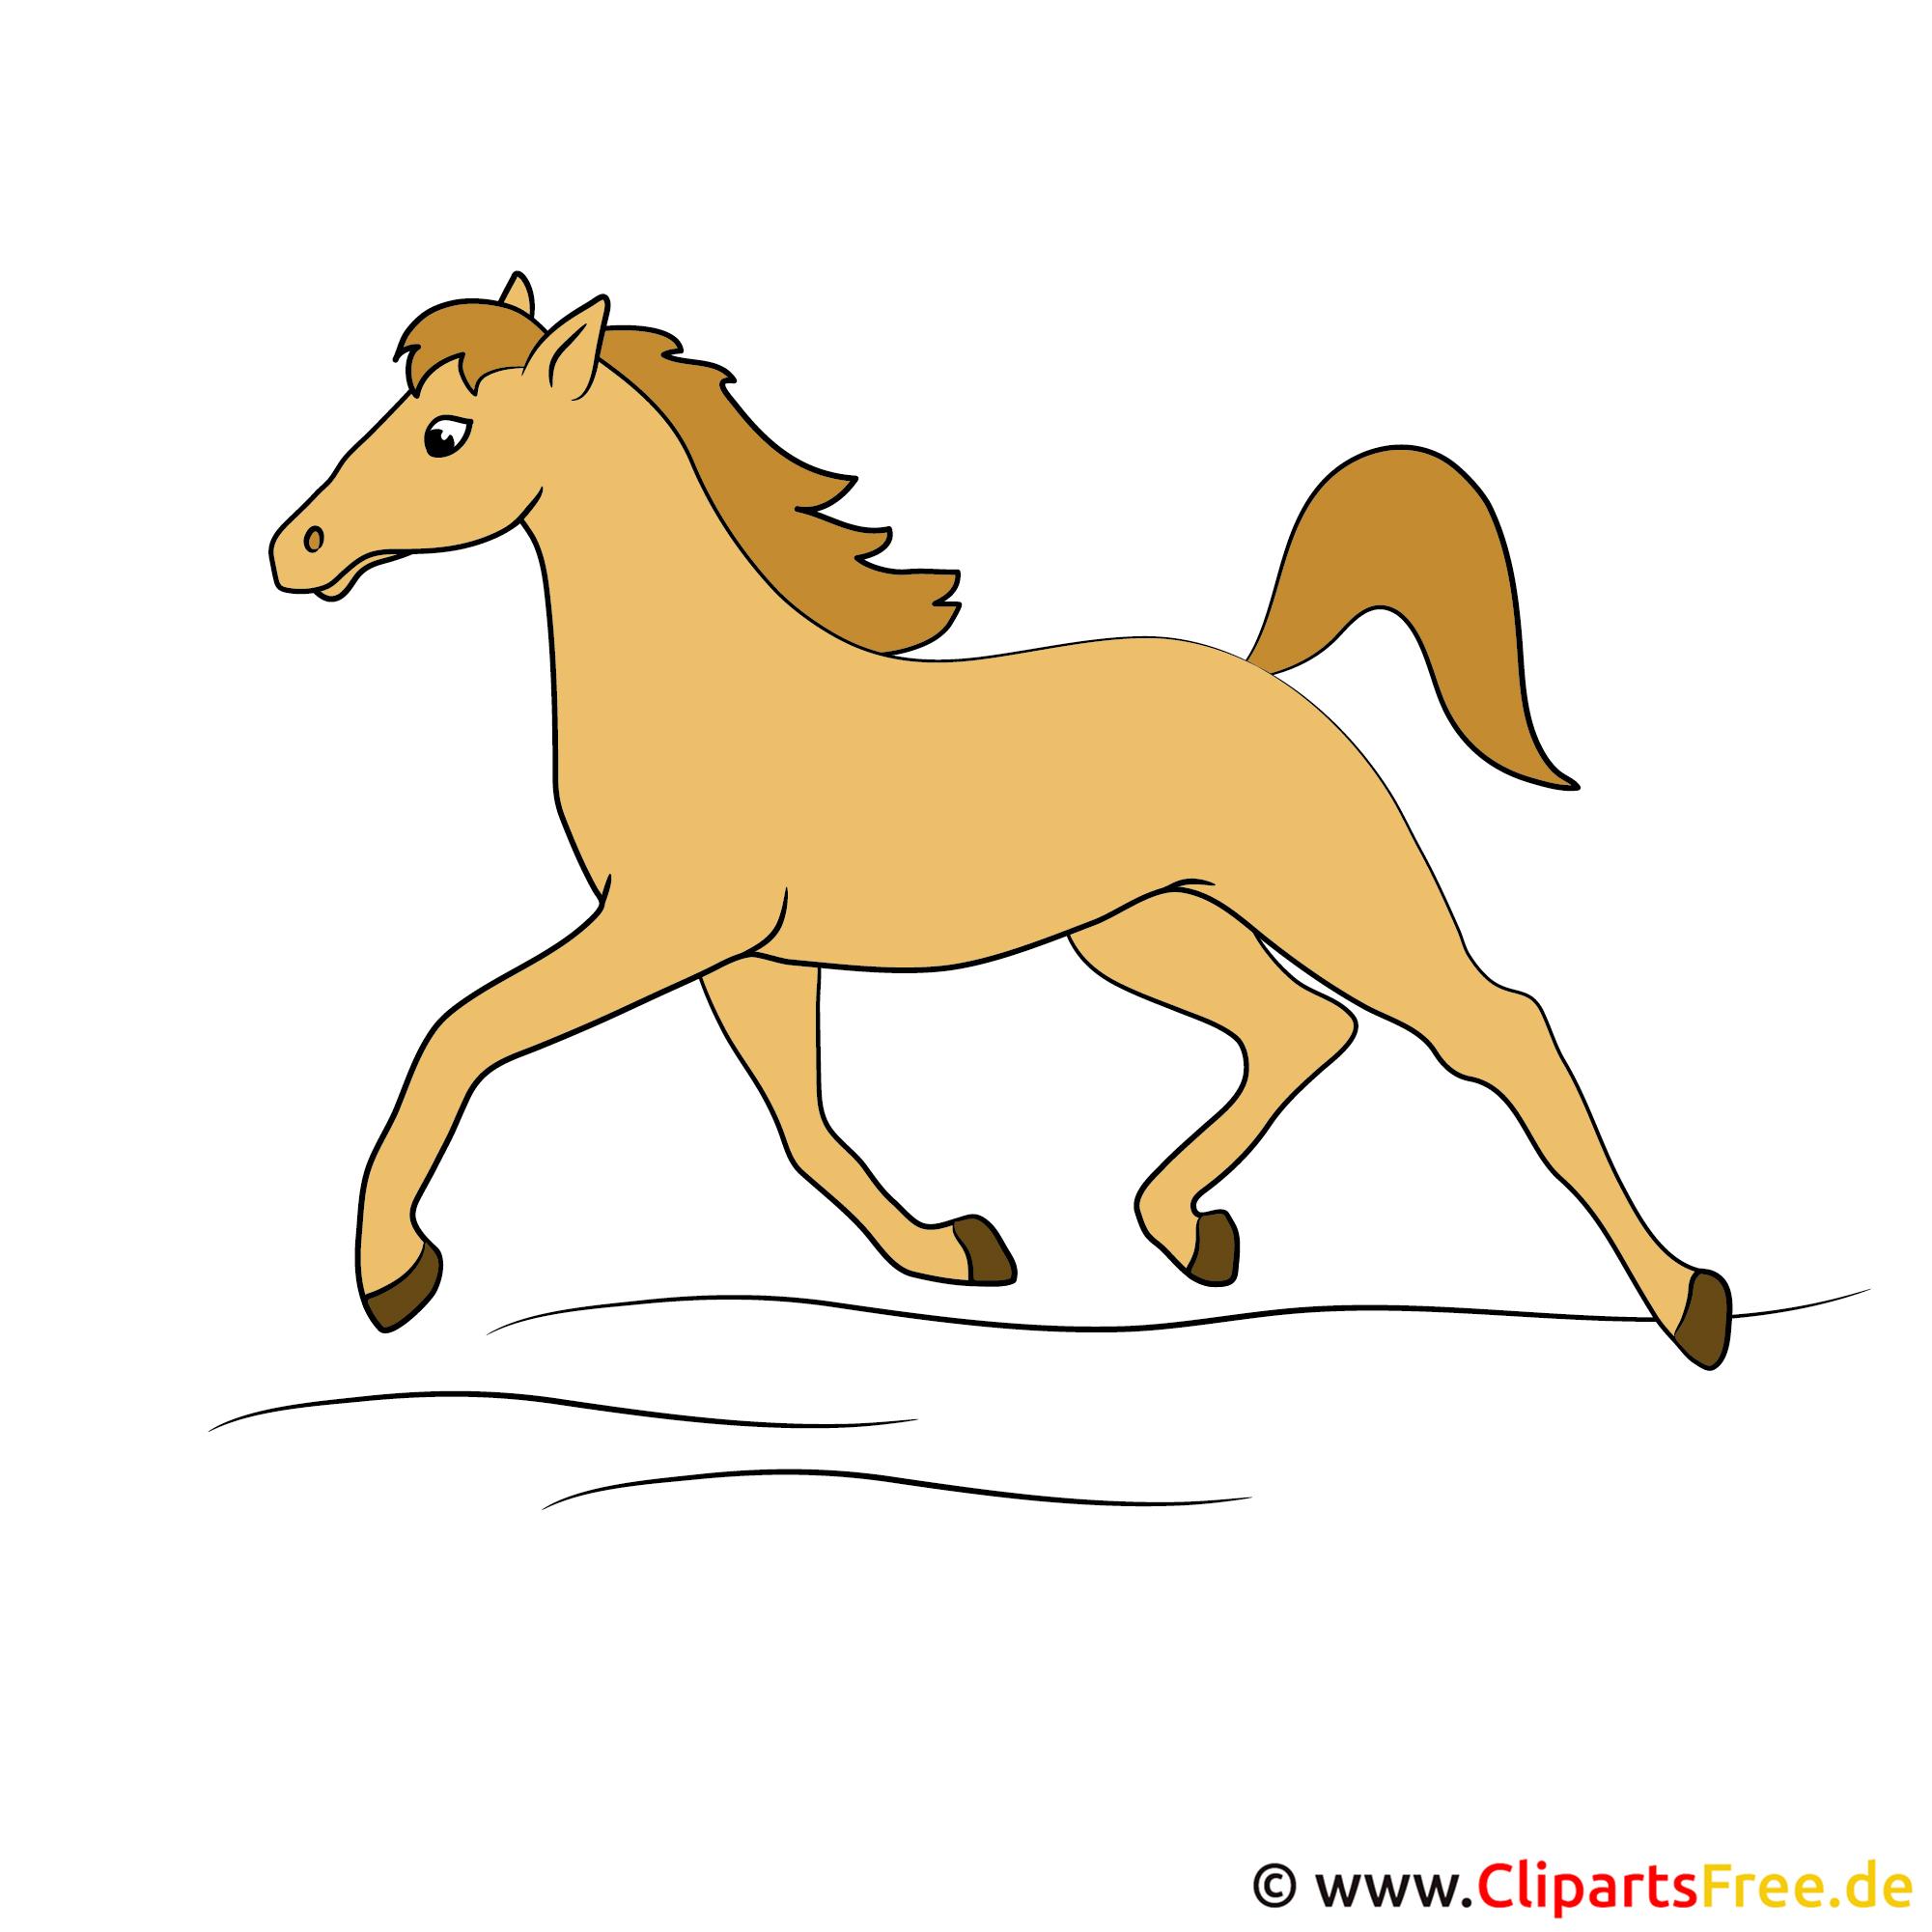 Laufendes Pferd GIF JPG